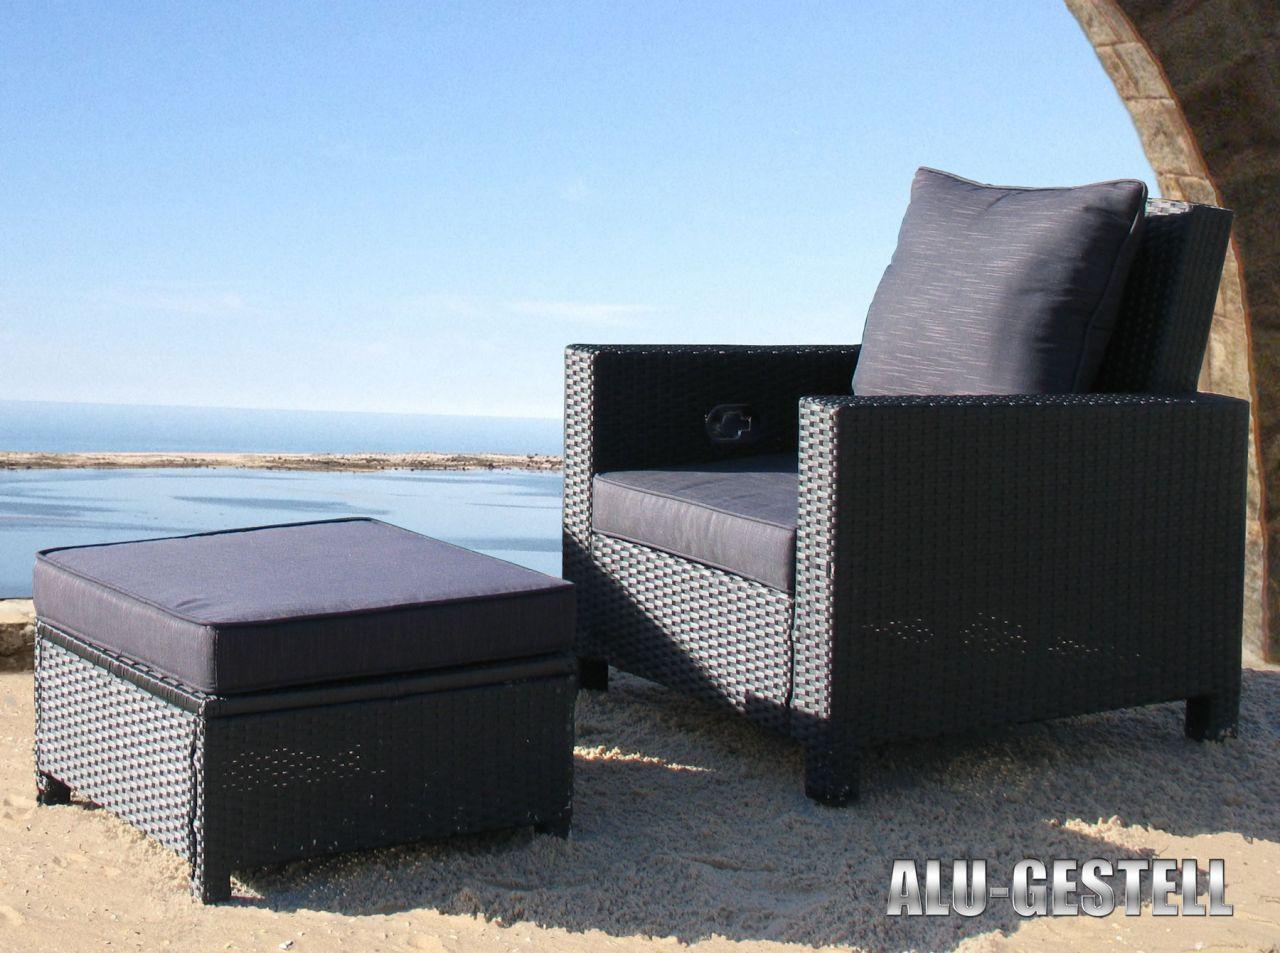 famous home 5tlg. rattan set schwarz lounge loungemöbel, Garten und bauen